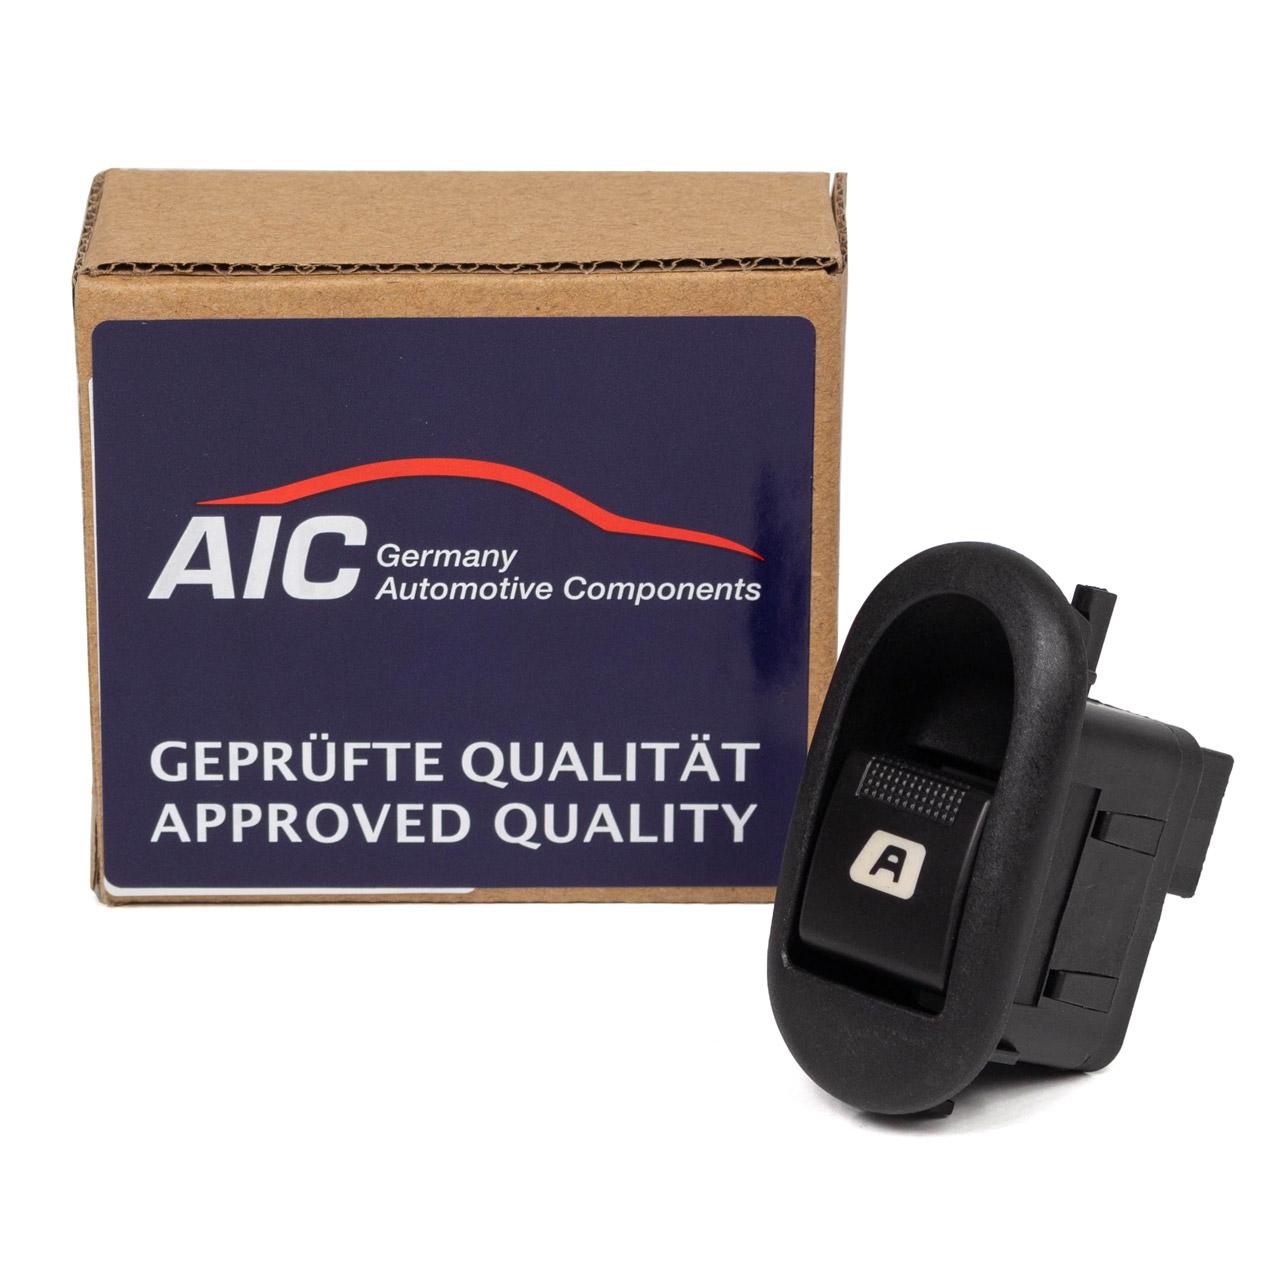 AIC 58871 Schalter Fensterheber Fahrerseite für CITROEN C3 1 FC FN 2 SC vorne links 6554L7